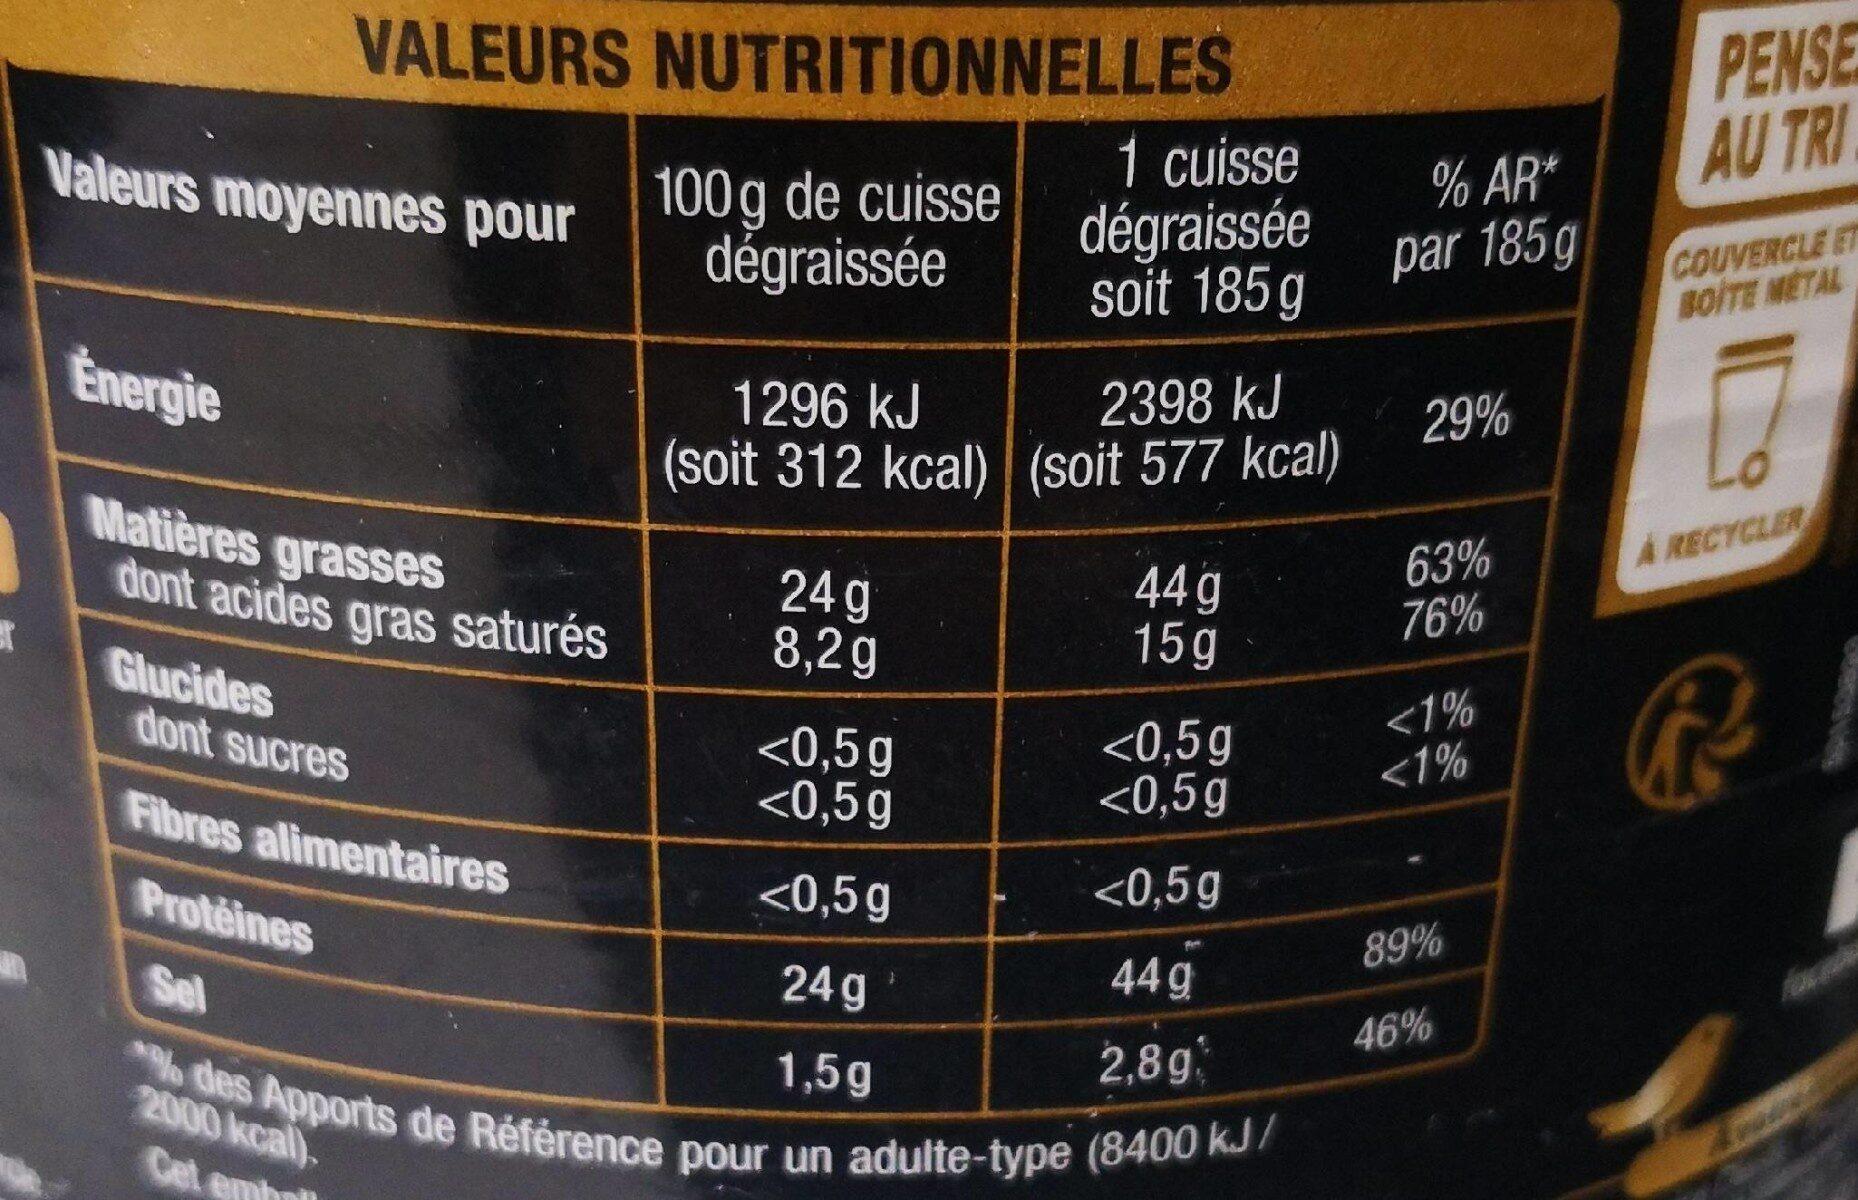 Confit De Canard du sud-ouest 4 cuisses - Valori nutrizionali - fr